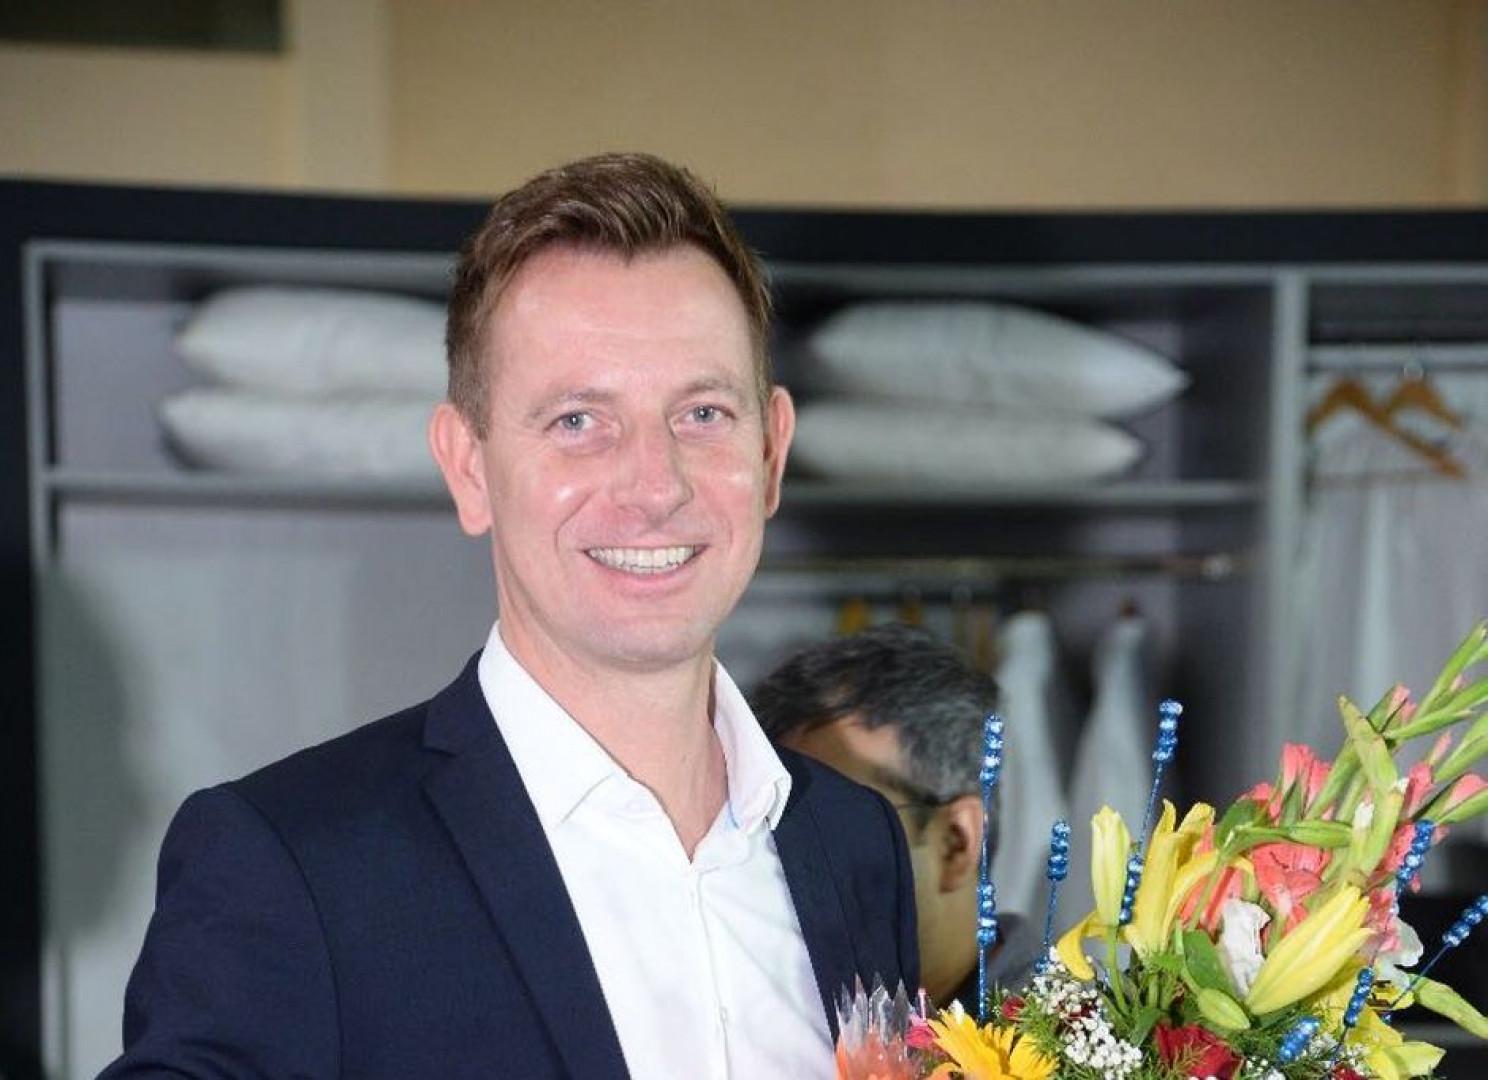 Tomasz Tymiński, general manager Raumplus Polska